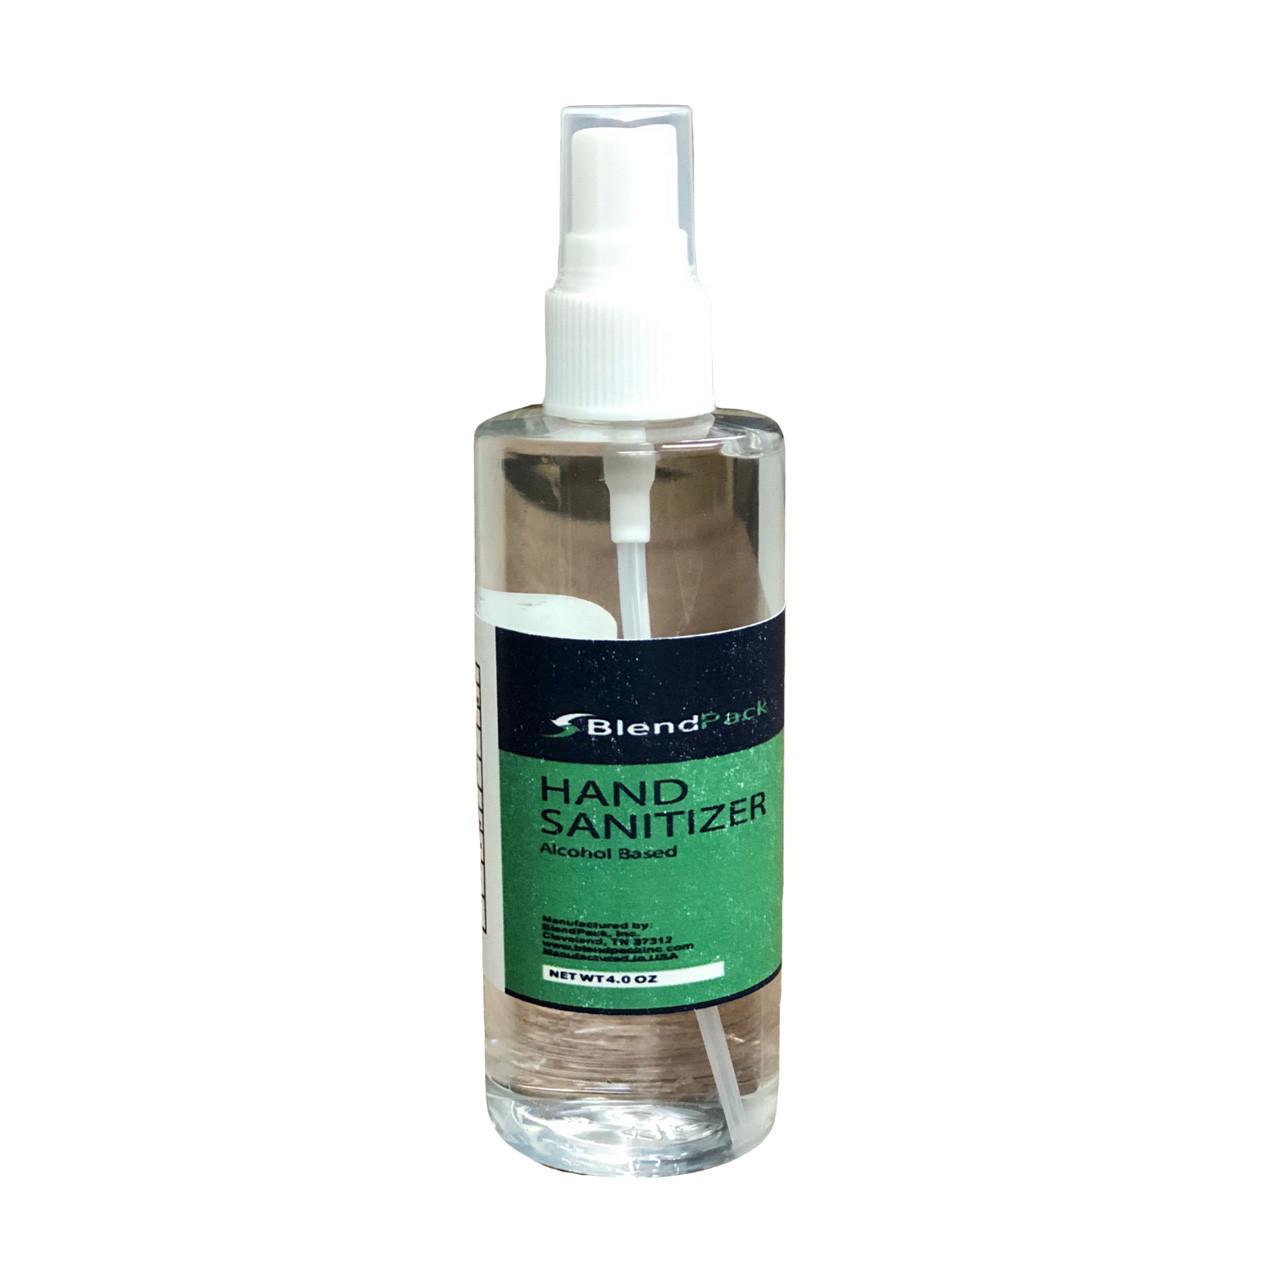 Hand Sanitizer - 4 oz